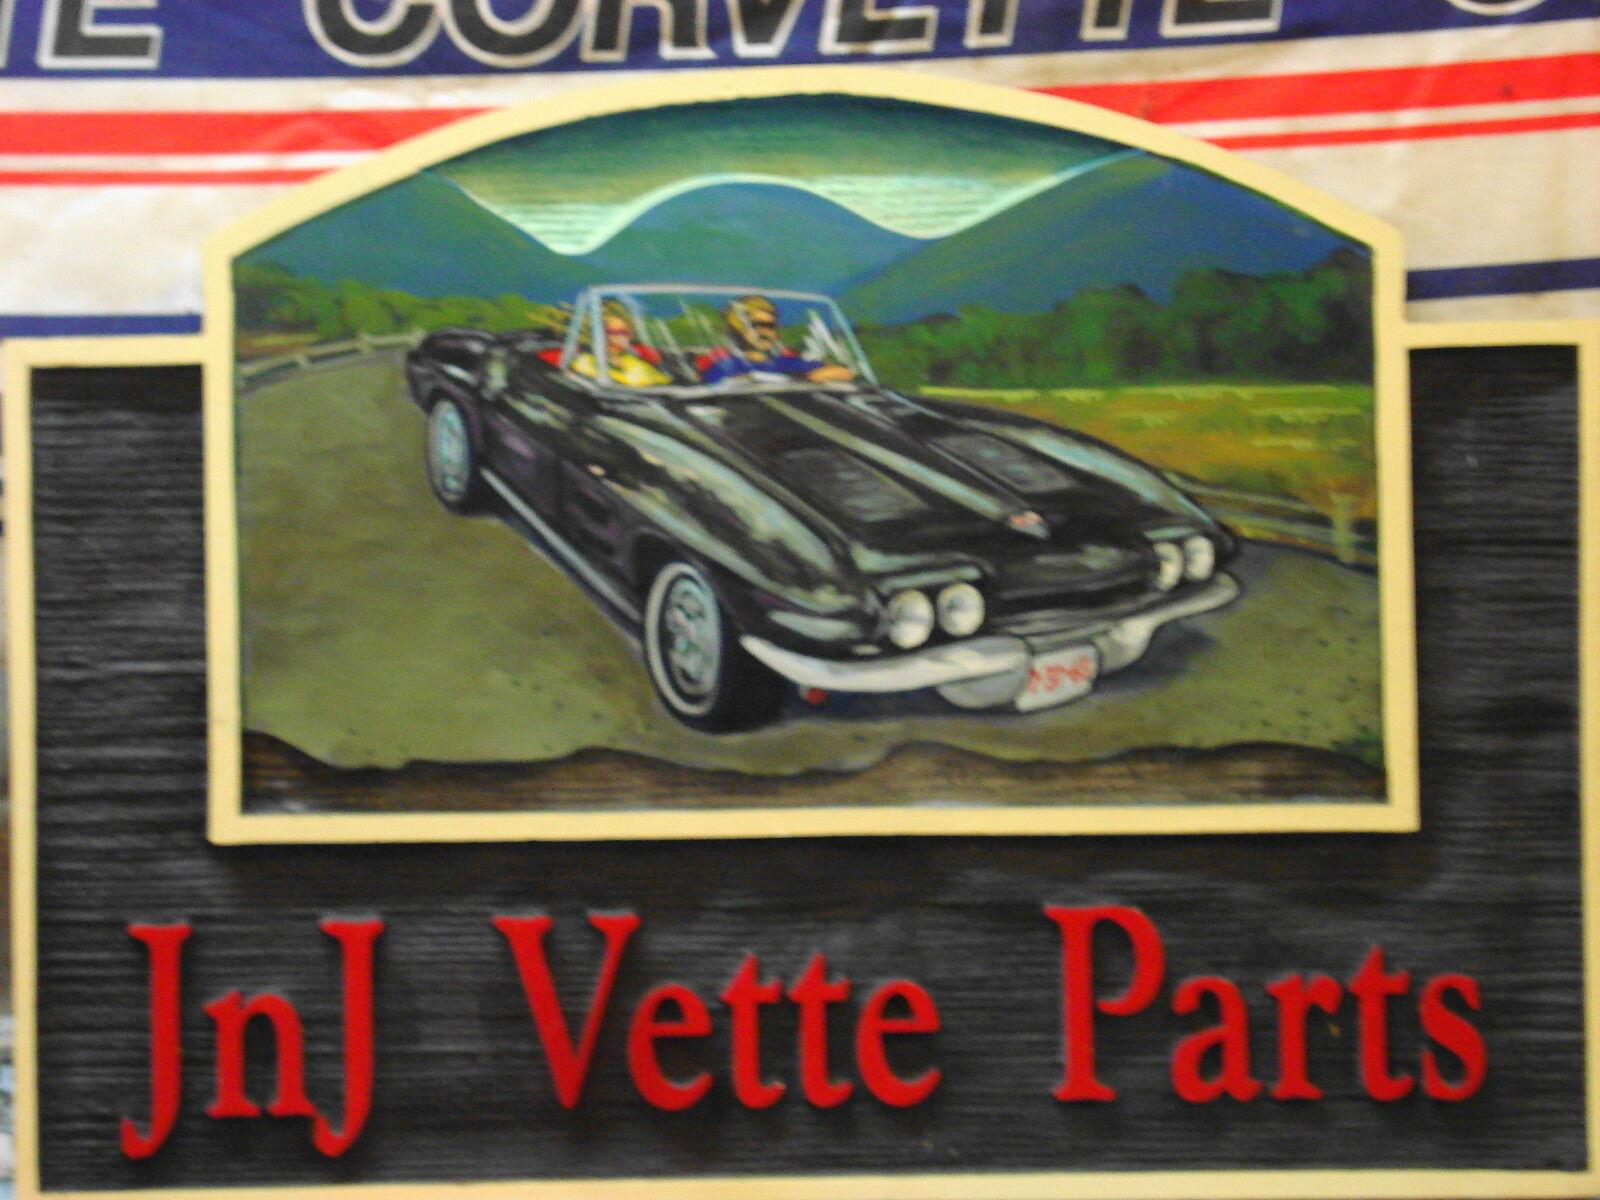 JnJ Vette Parts